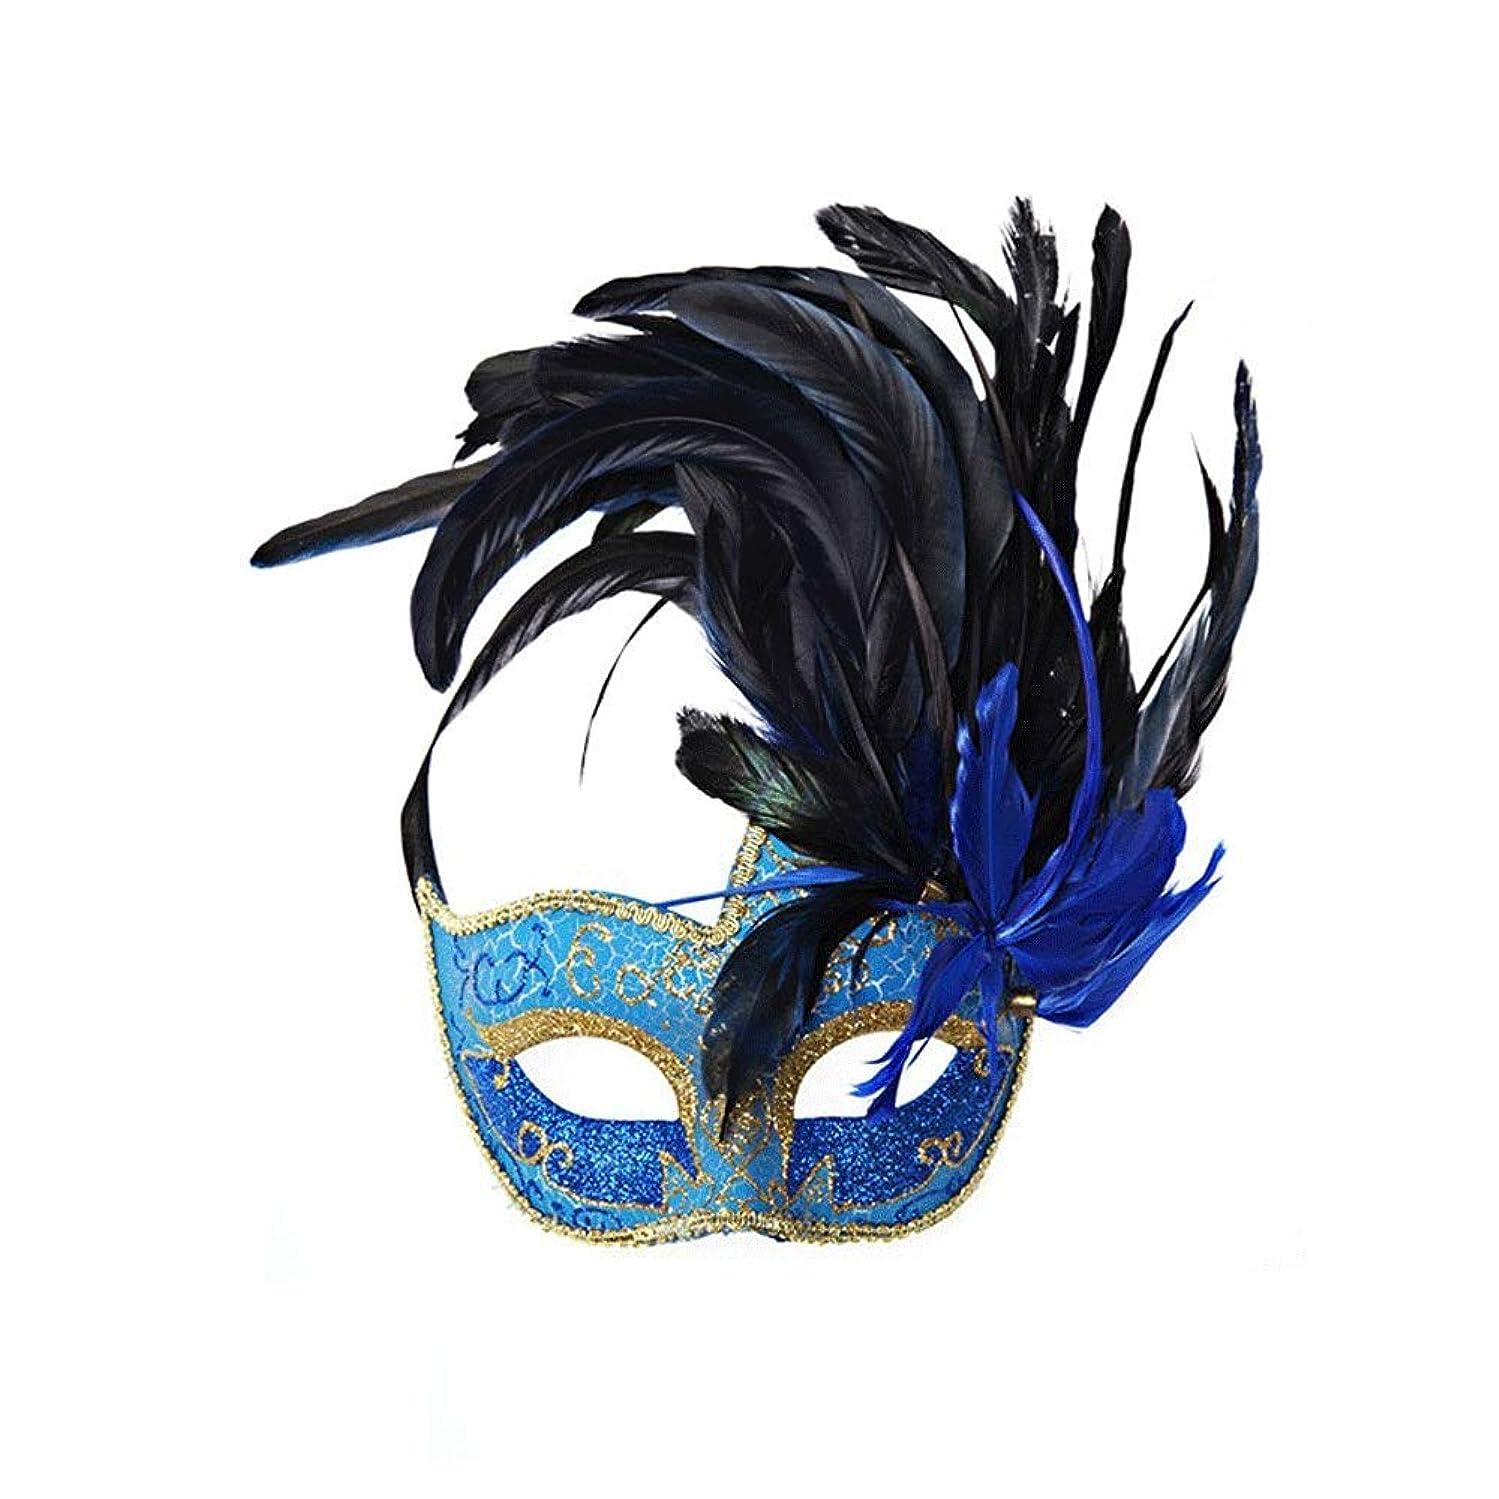 寄稿者味付けサンダルNanle ハロウィンマスクハーフフェザーマスクベニスプリンセスマスク美容レース仮面ライダーコスプレ (色 : Style A blue)